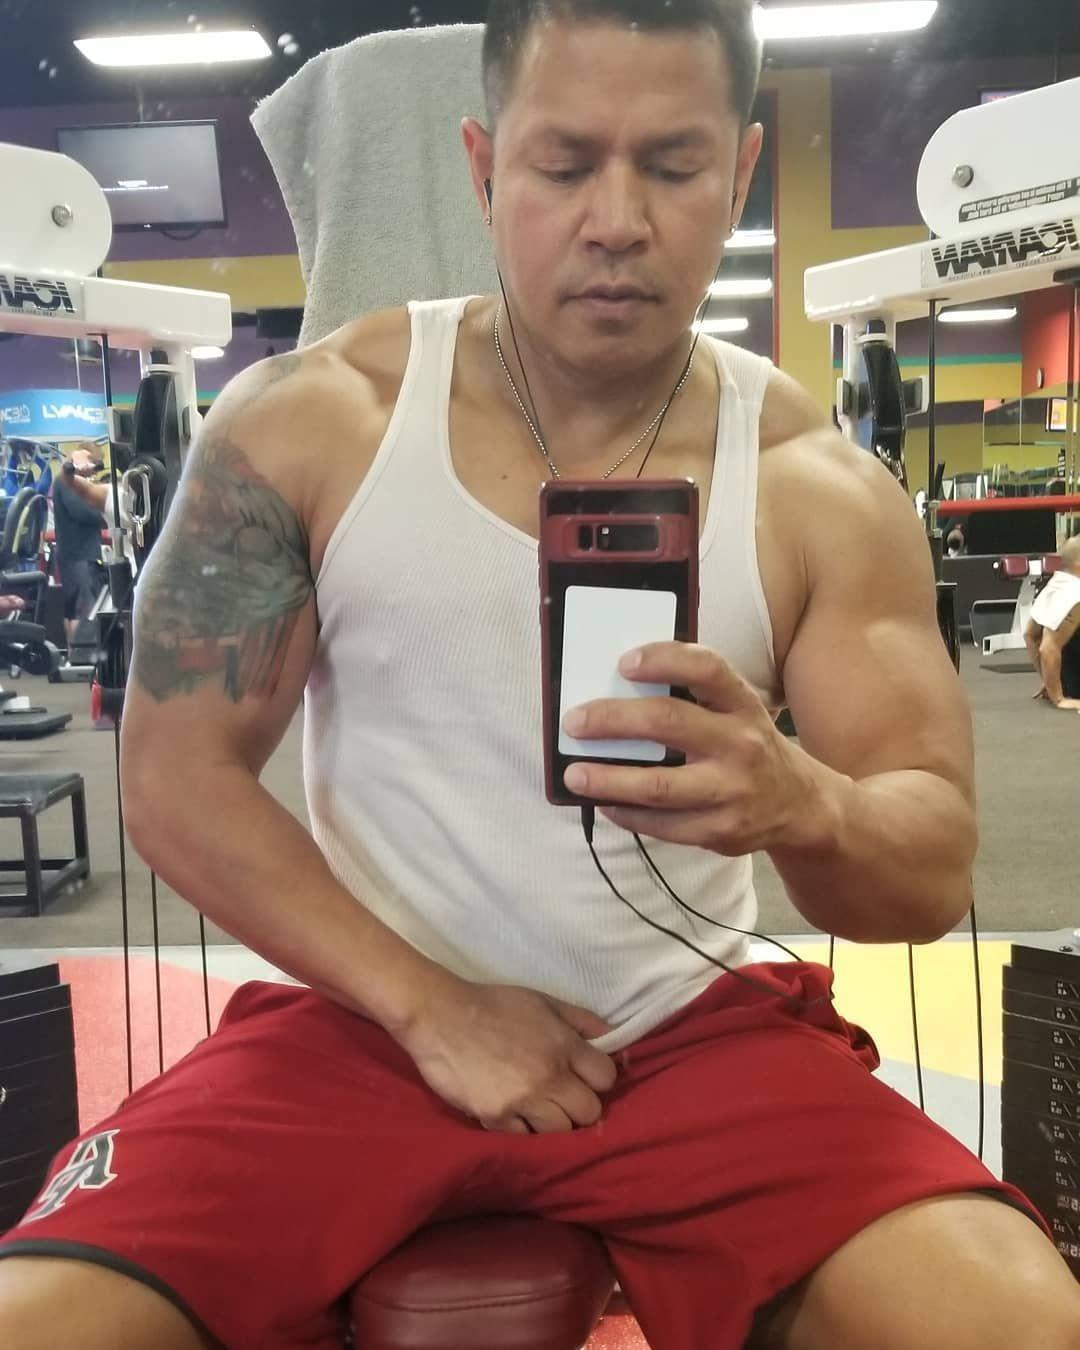 Gettin My Swole On Fitfam 808to702 Vegaslife Gym Fitfam Gymselfie Fitness Gymrat Gymbunny Swole Flex Work S Fitness Gym Rat Swole